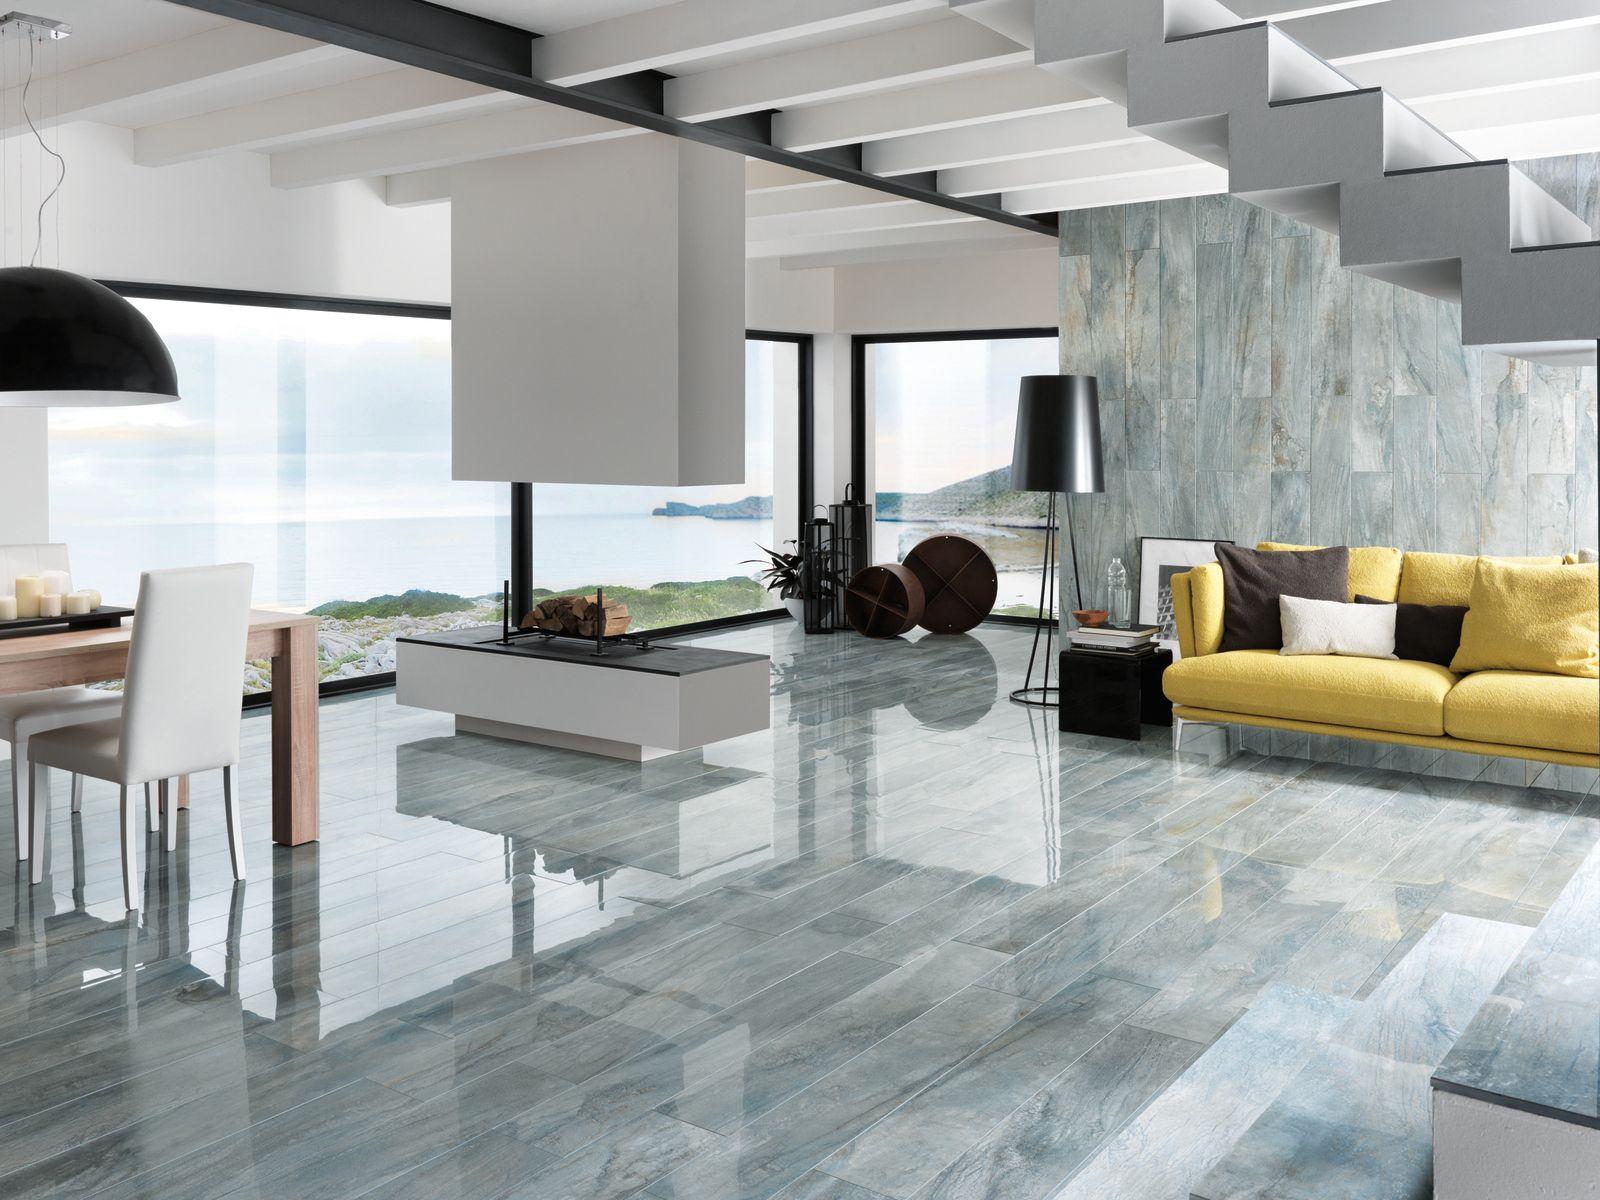 Gres Porcellanato Effetto Marmo Difetti pavimento/rivestimento in gres porcellanato effetto marmo